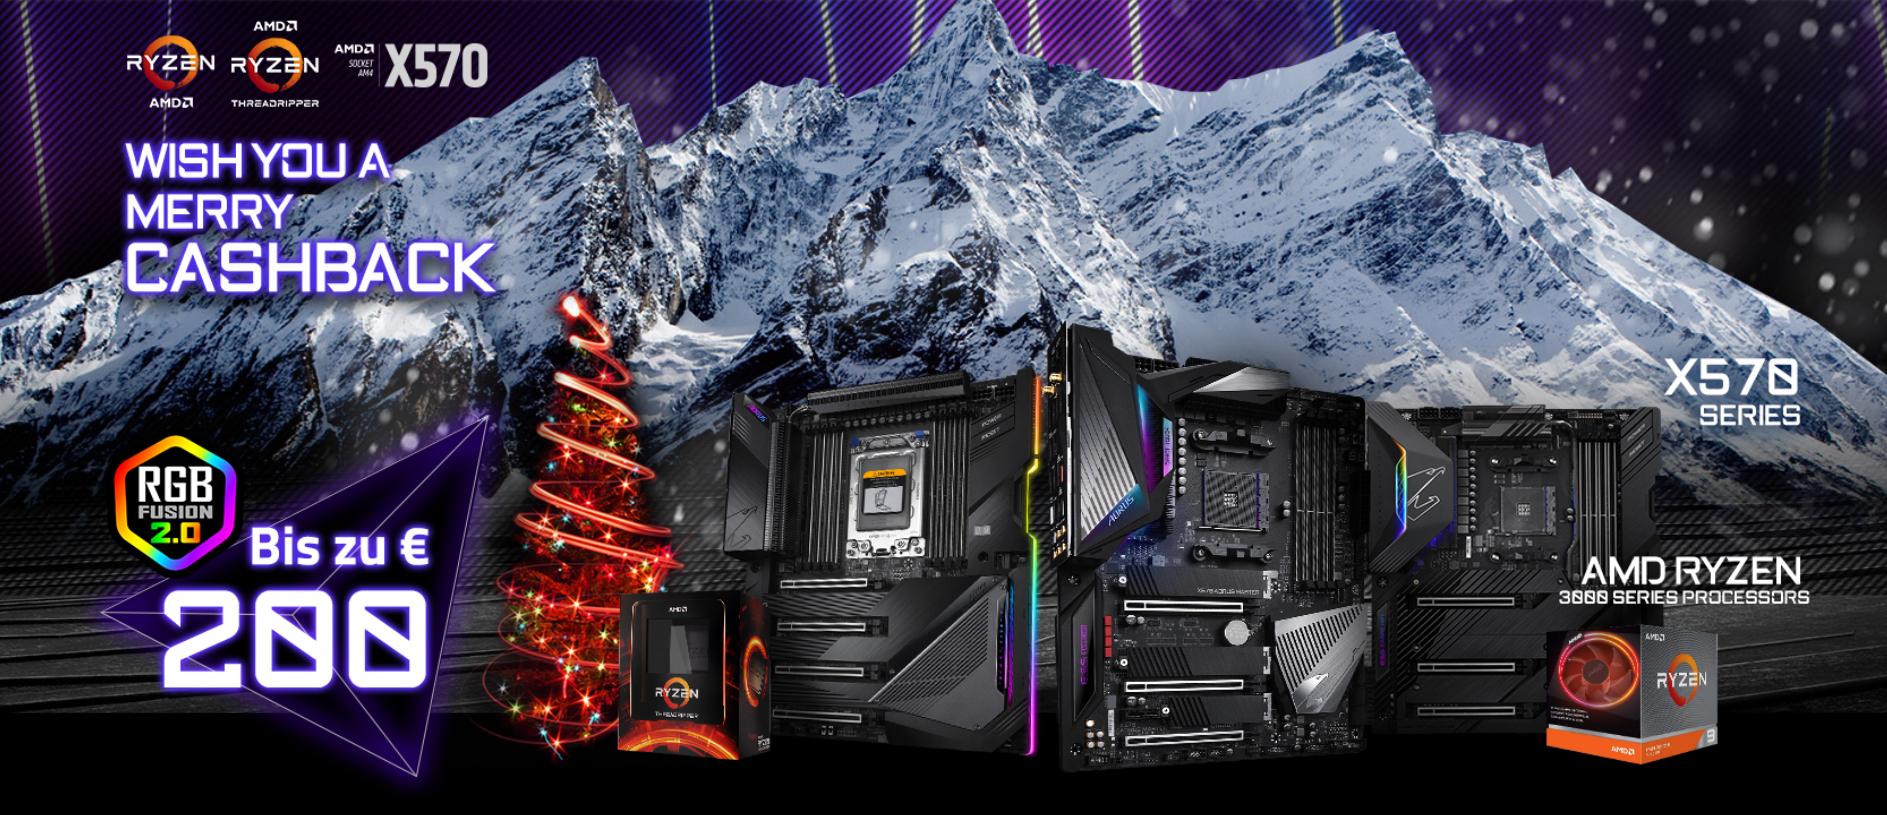 GIGABYTE Merry Cashback Aktion - Bis zu 200€ beim Kauf einer AMD Ryzen CPU und eines TRX40/x570 Mainboards